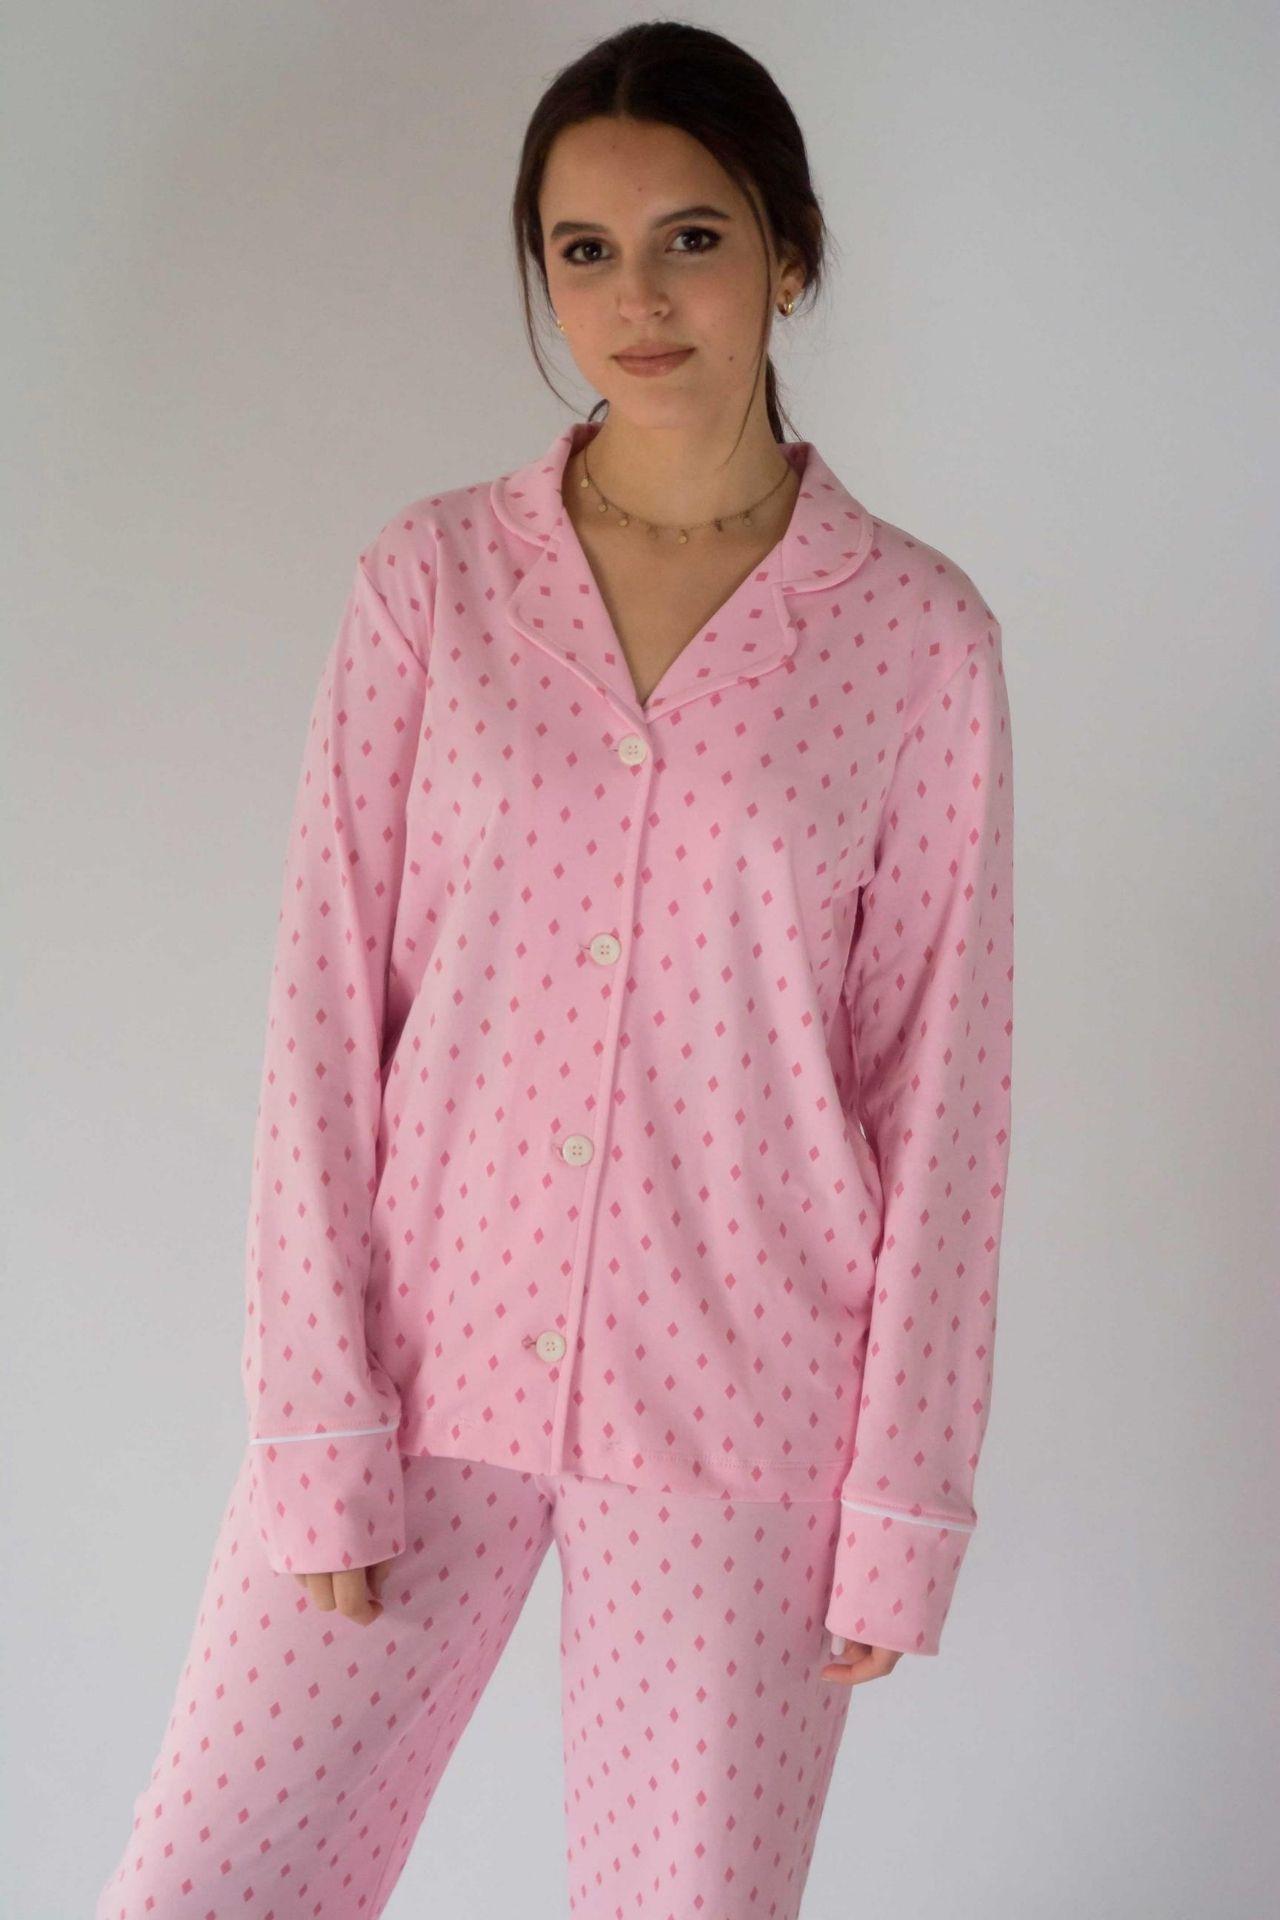 Pijama de algodón pima 100%, con estampado dibujado a mano por artesanos peruanos. Descubre una nueva experiencia al dormir con el pijama Isabella. Cuidados: no usar secadora, lavar con agua fria.  MEDIDAS PIJAMA ISABELLA   Talla S  PARTE ARRIBA  Largo: 60 cm Ancho: 92 cm Mangas: 60 cm  PANTALÓN  Cintura: 60 cm da hasta 90 cm con elástico Largo: 102 cm  Talla M  PARTE ARRIBA  Largo: 63 cm Ancho: 96cm Mangas: 62cm  PANTALÓN  Cintura: 64 cm da hasta 96 cm con elástico Largo: 104 cm